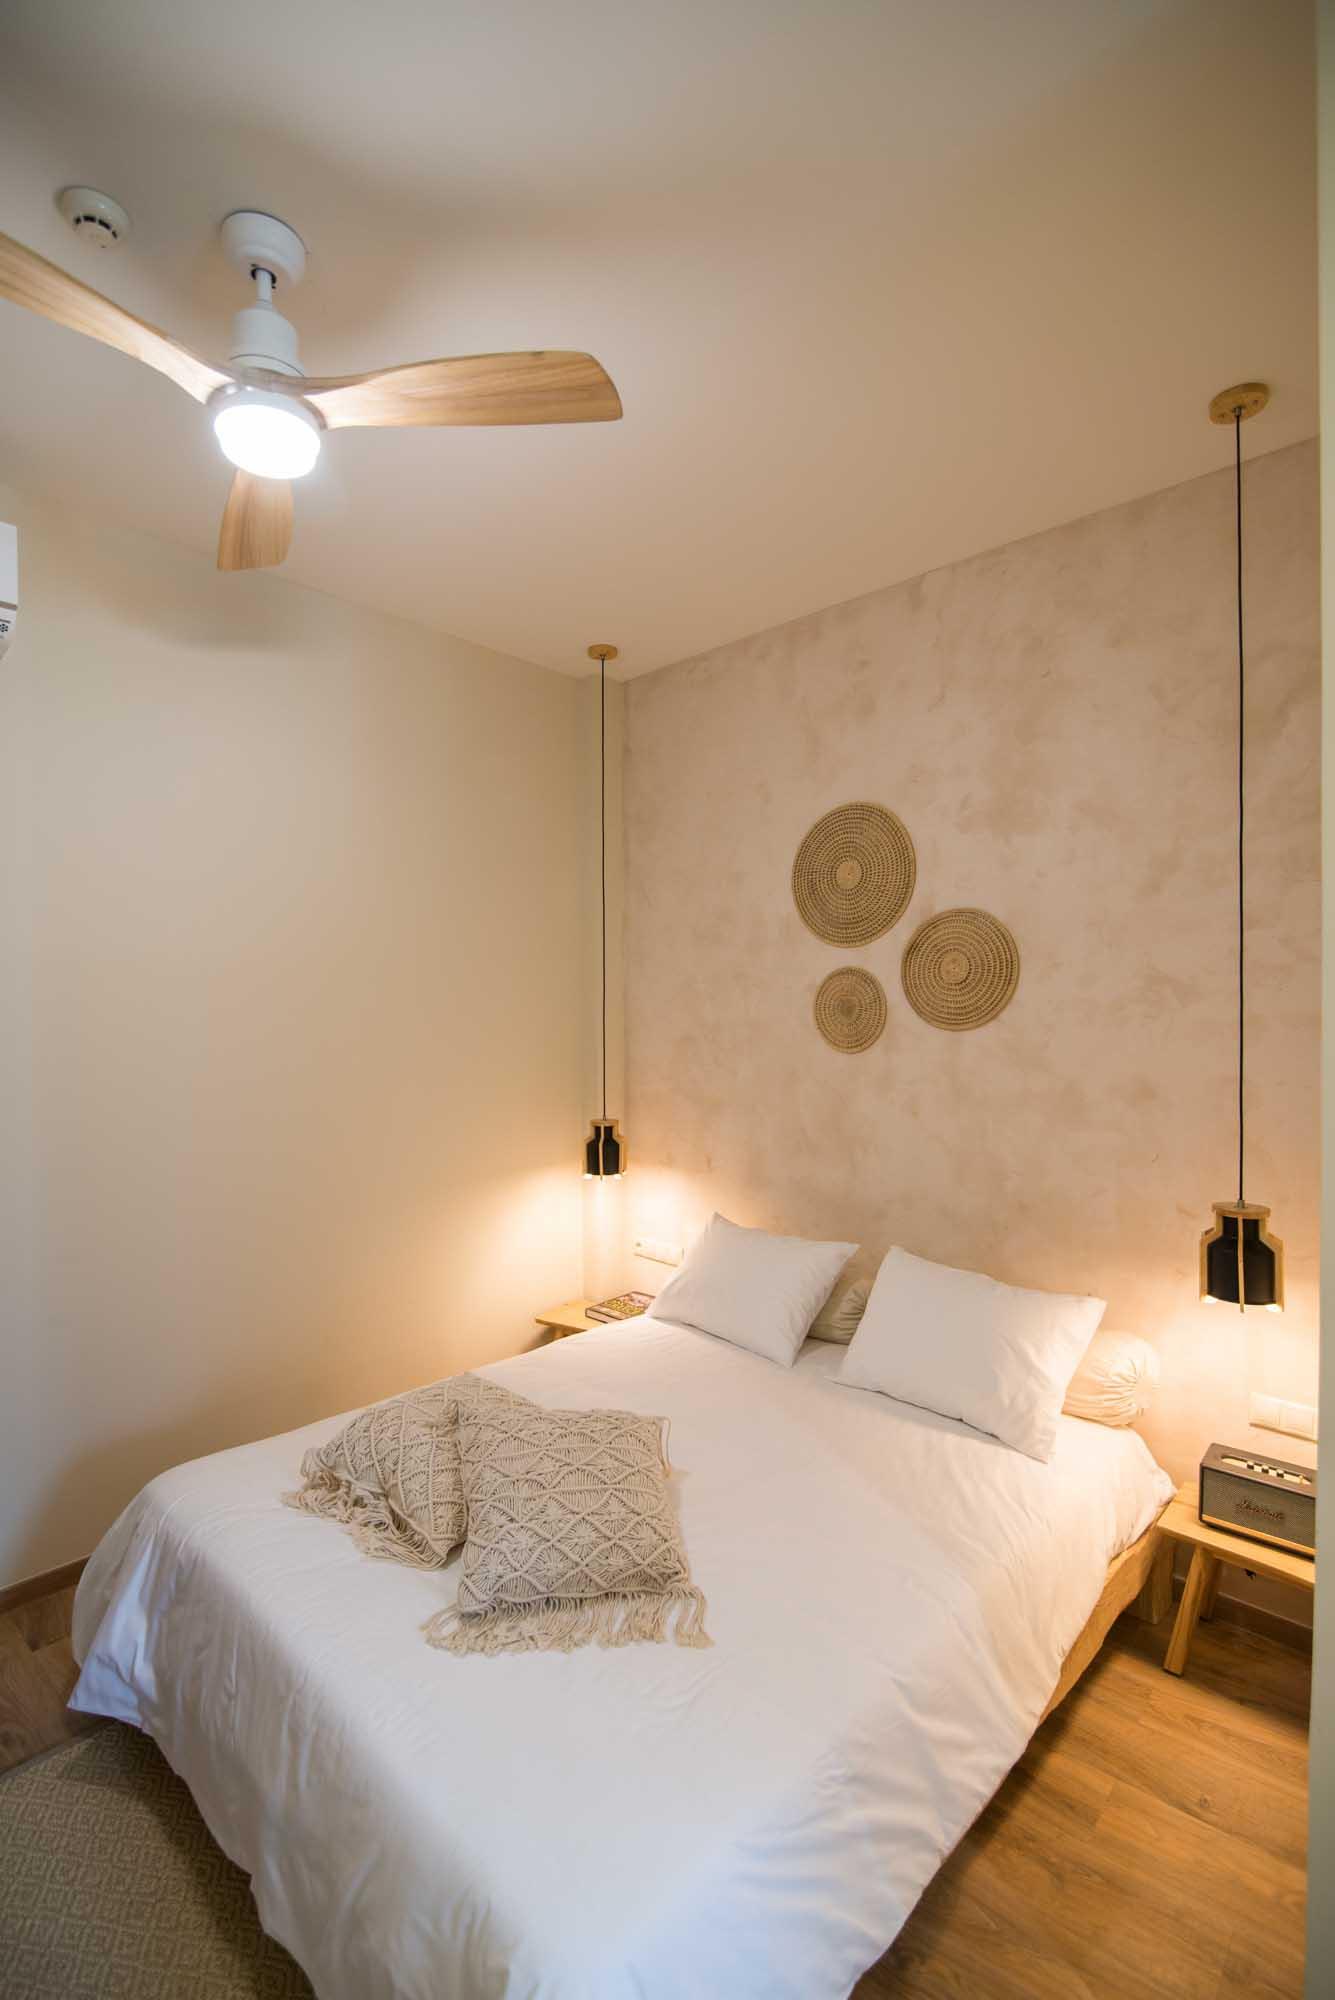 Hotel_room_Jasmine_09